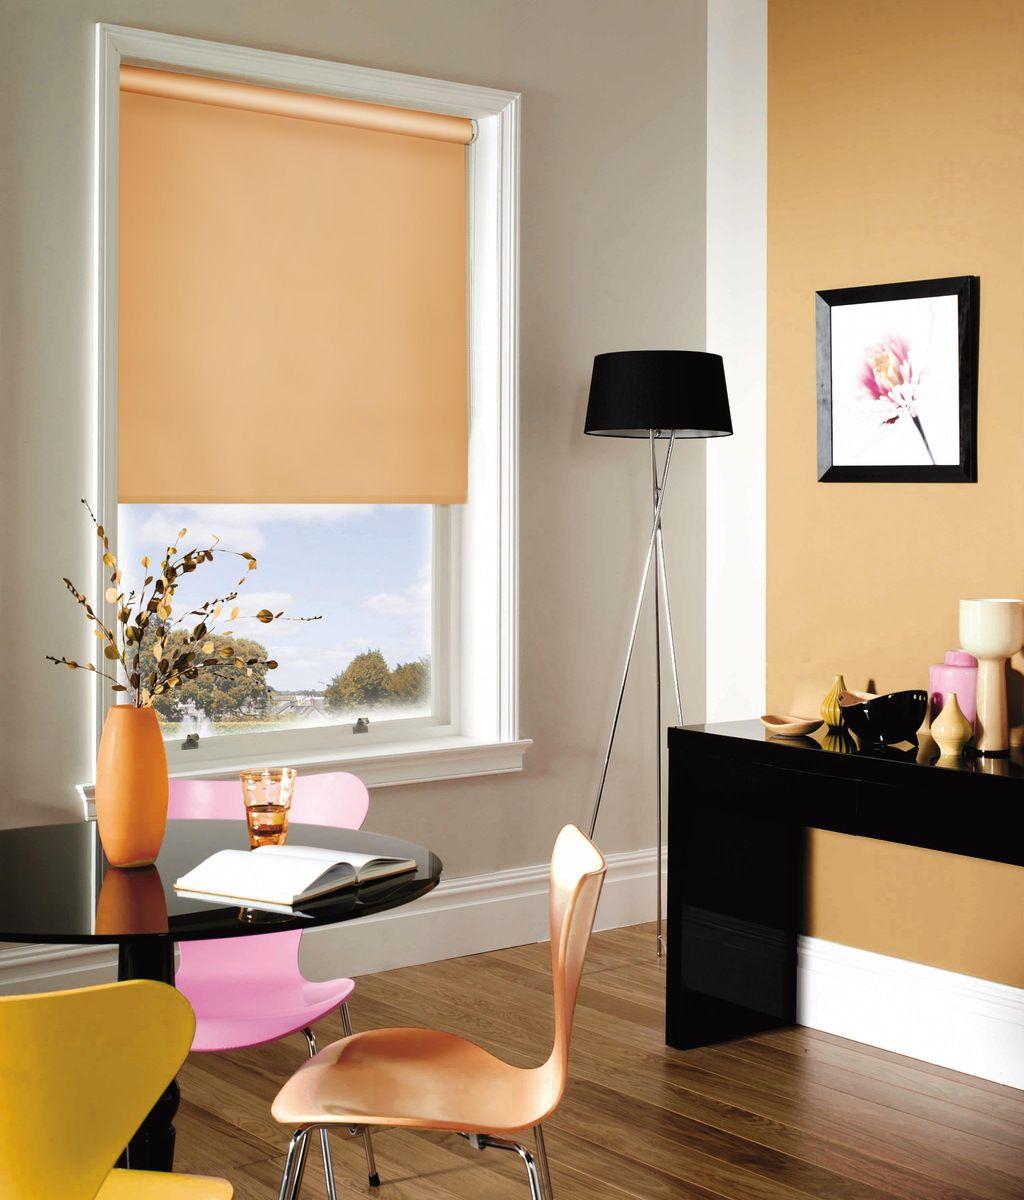 Штора рулонная Эскар, цвет: абрикосовый, ширина 172 см, высота 170 см81012172170Рулонными шторами можно оформлять окна как самостоятельно, так и использовать в комбинации с портьерами. Это поможет предотвратить выгорание дорогой ткани на солнце и соединит функционал рулонных с красотой навесных. Преимущества применения рулонных штор для пластиковых окон: - имеют прекрасный внешний вид: многообразие и фактурность материала изделия отлично смотрятся в любом интерьере; - многофункциональны: есть возможность подобрать шторы способные эффективно защитить комнату от солнца, при этом она не будет слишком темной. - Есть возможность осуществить быстрый монтаж. ВНИМАНИЕ! Размеры ширины изделия указаны по ширине ткани! Во время эксплуатации не рекомендуется полностью разматывать рулон, чтобы не оторвать ткань от намоточного вала. В случае загрязнения поверхности ткани, чистку шторы проводят одним из способов, в зависимости от типа загрязнения: легкое поверхностное загрязнение можно удалить при помощи канцелярского ластика; чистка от пыли производится сухим методом при...